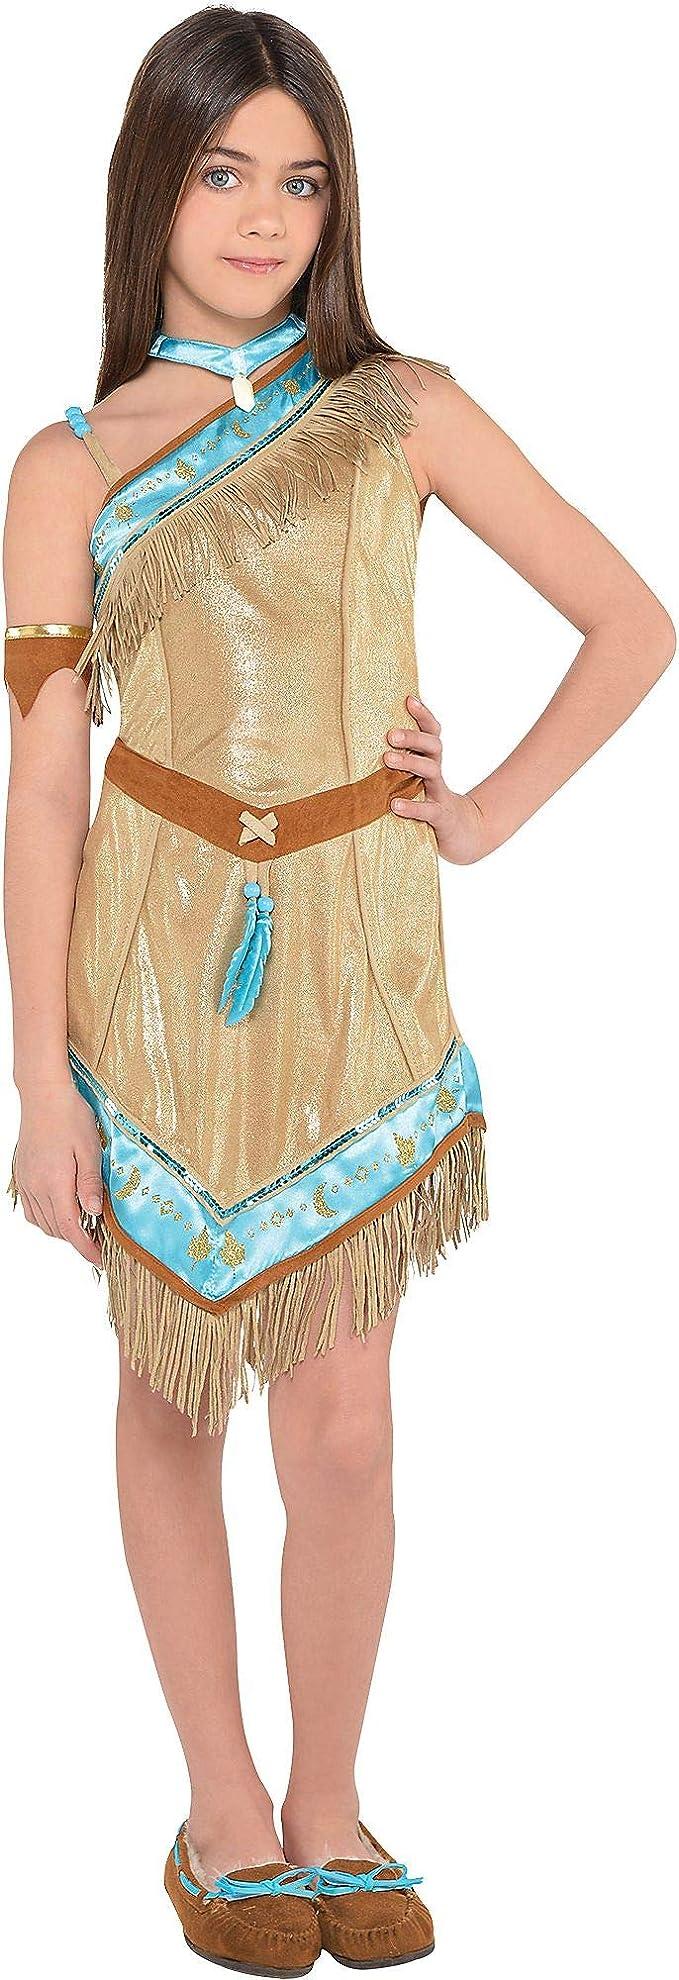 SUIT YOURSELF Disfraz de Pocahontas para niñas, talla mediana ...